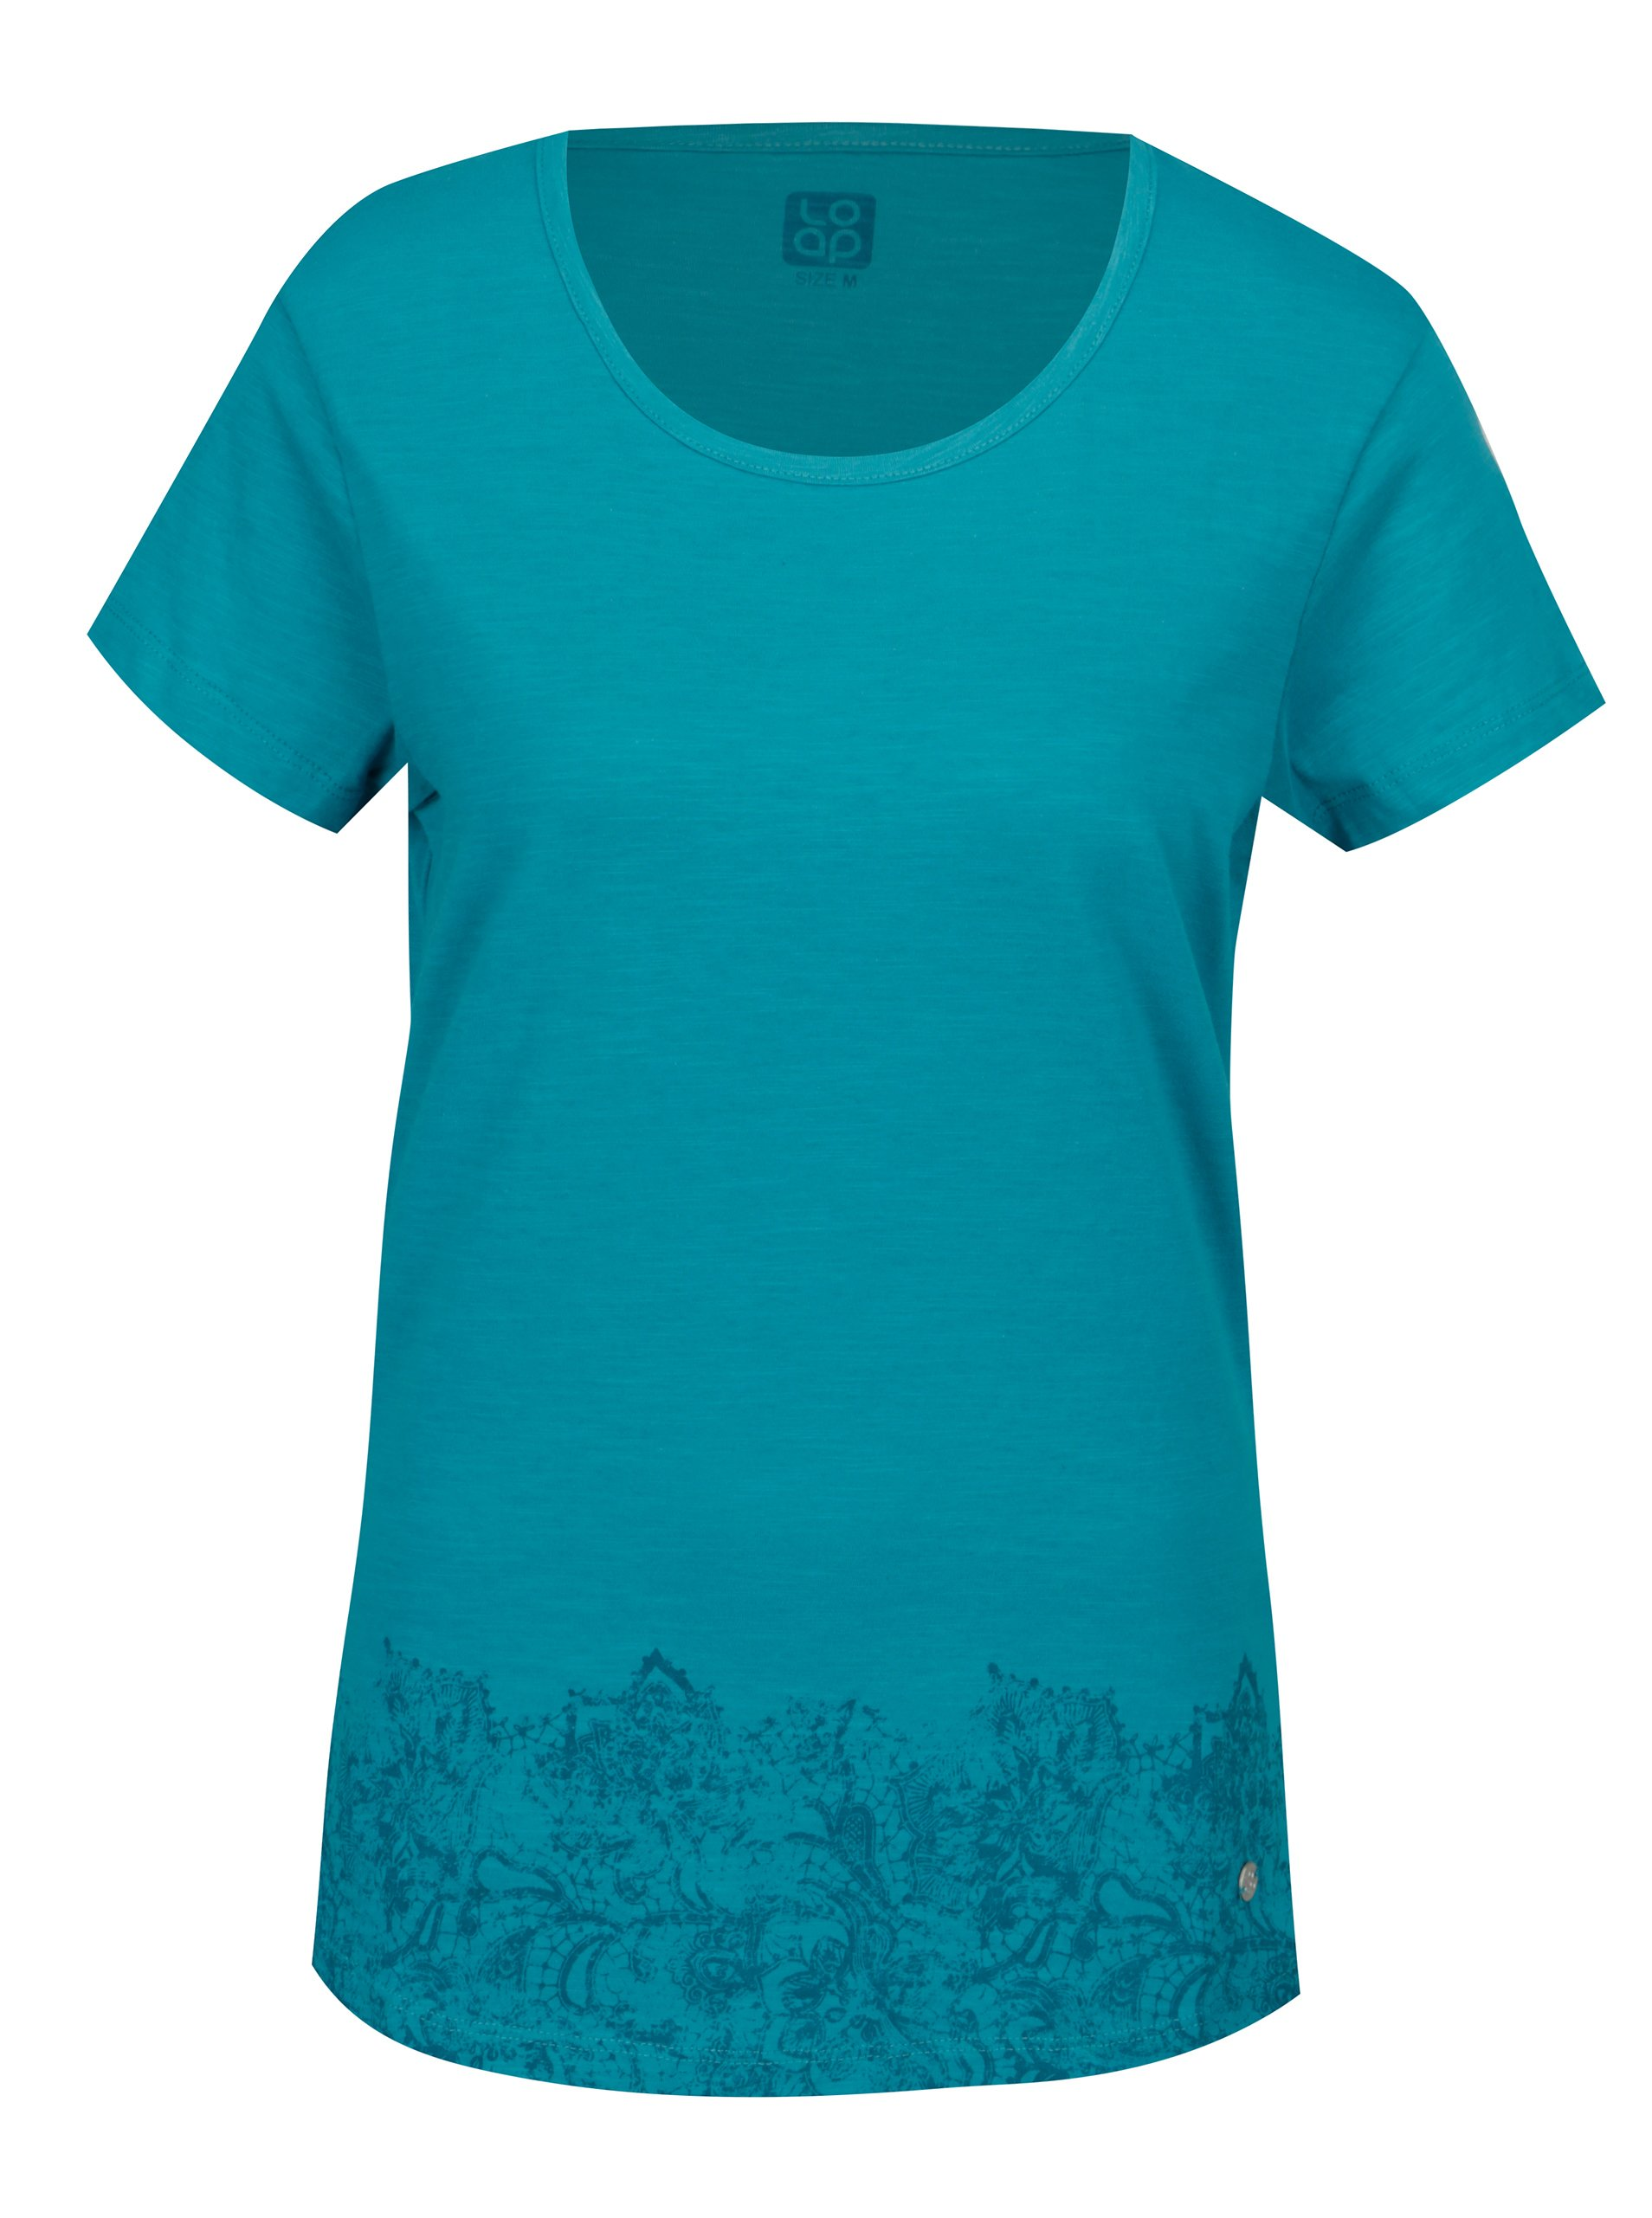 Fotografie Tyrkysové dámské tričko s kulatým výstřihem a potiskem LOAP Balisey